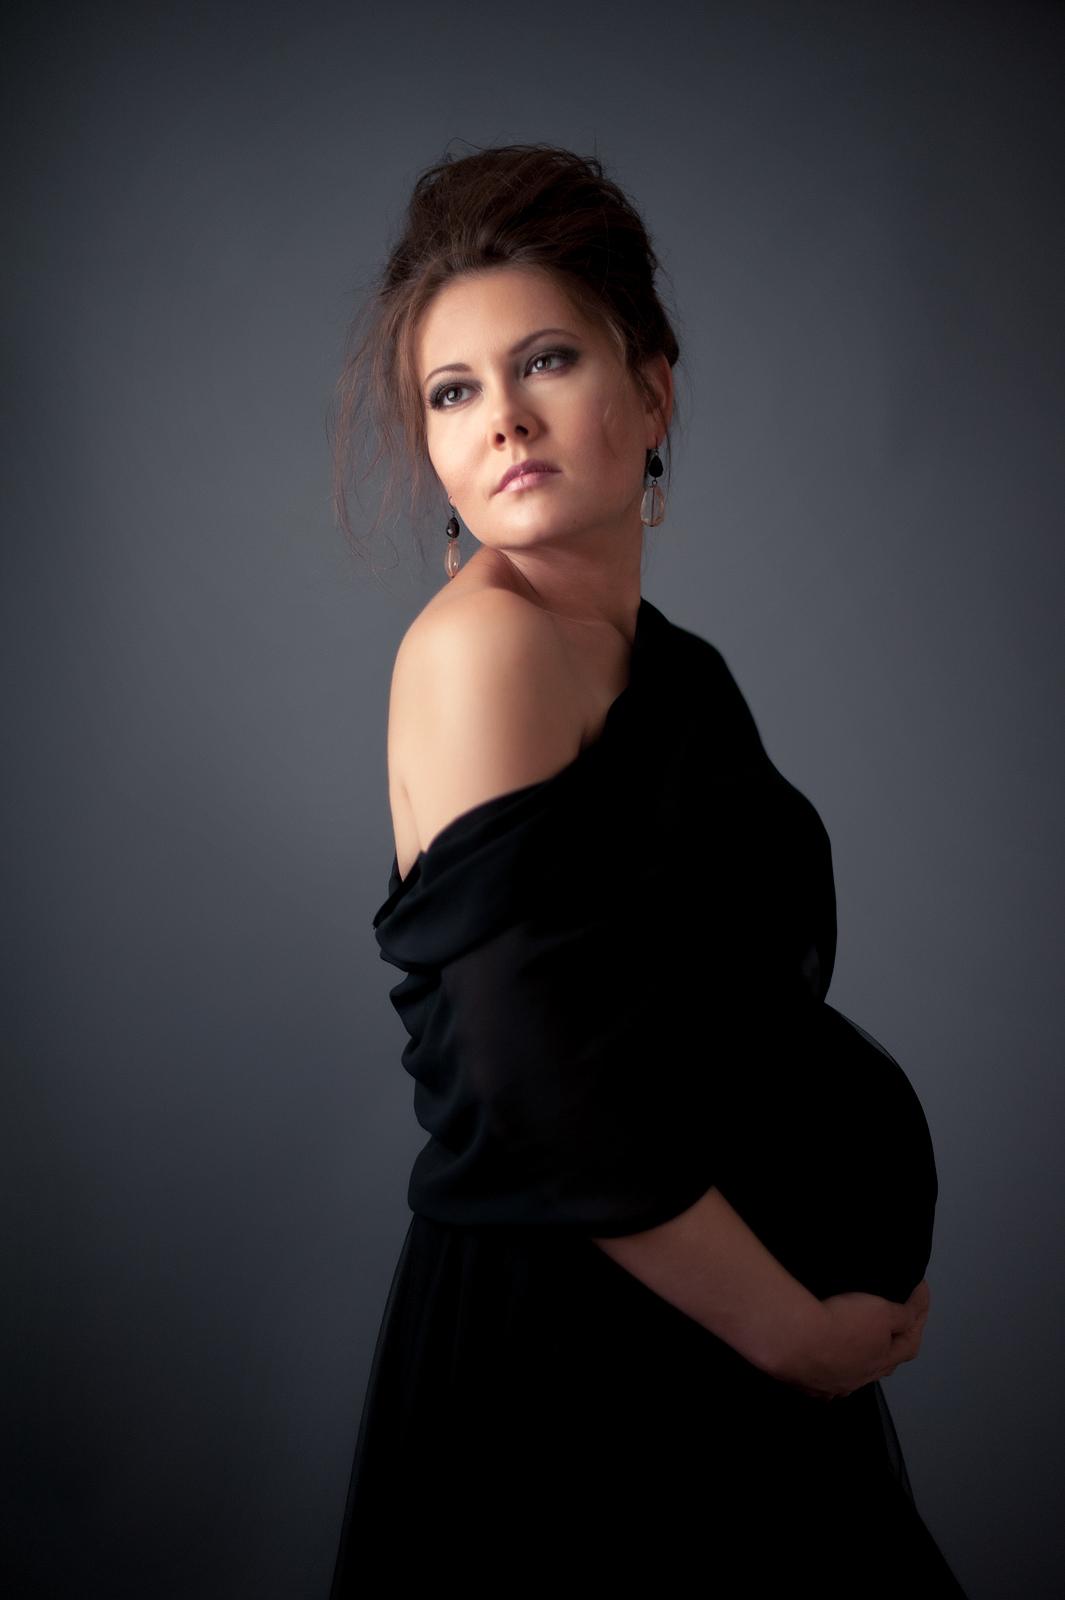 09-maternity-pose-over-shoulder-elegant-lovely.jpg